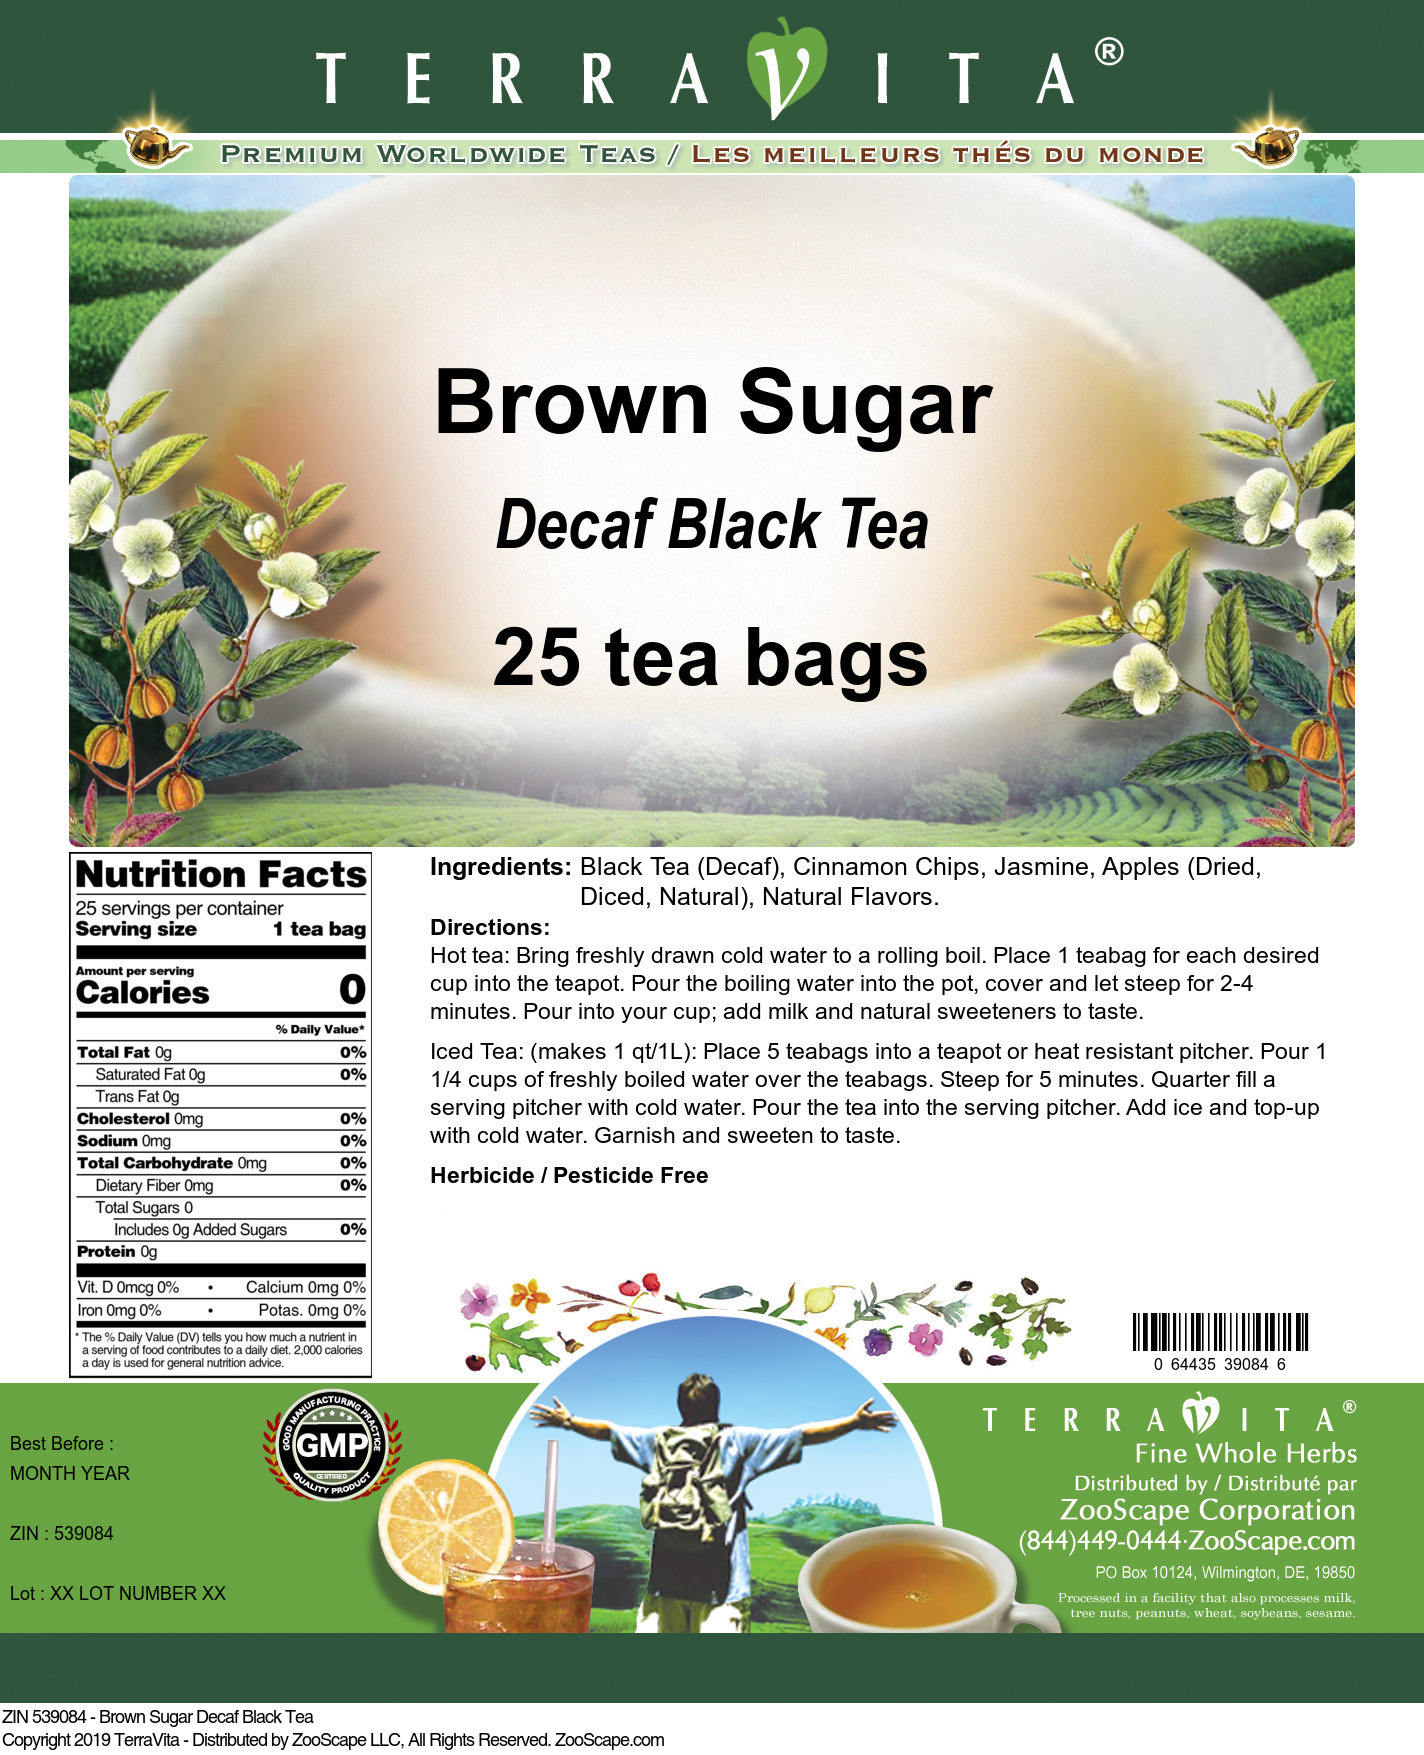 Brown Sugar Decaf Black Tea